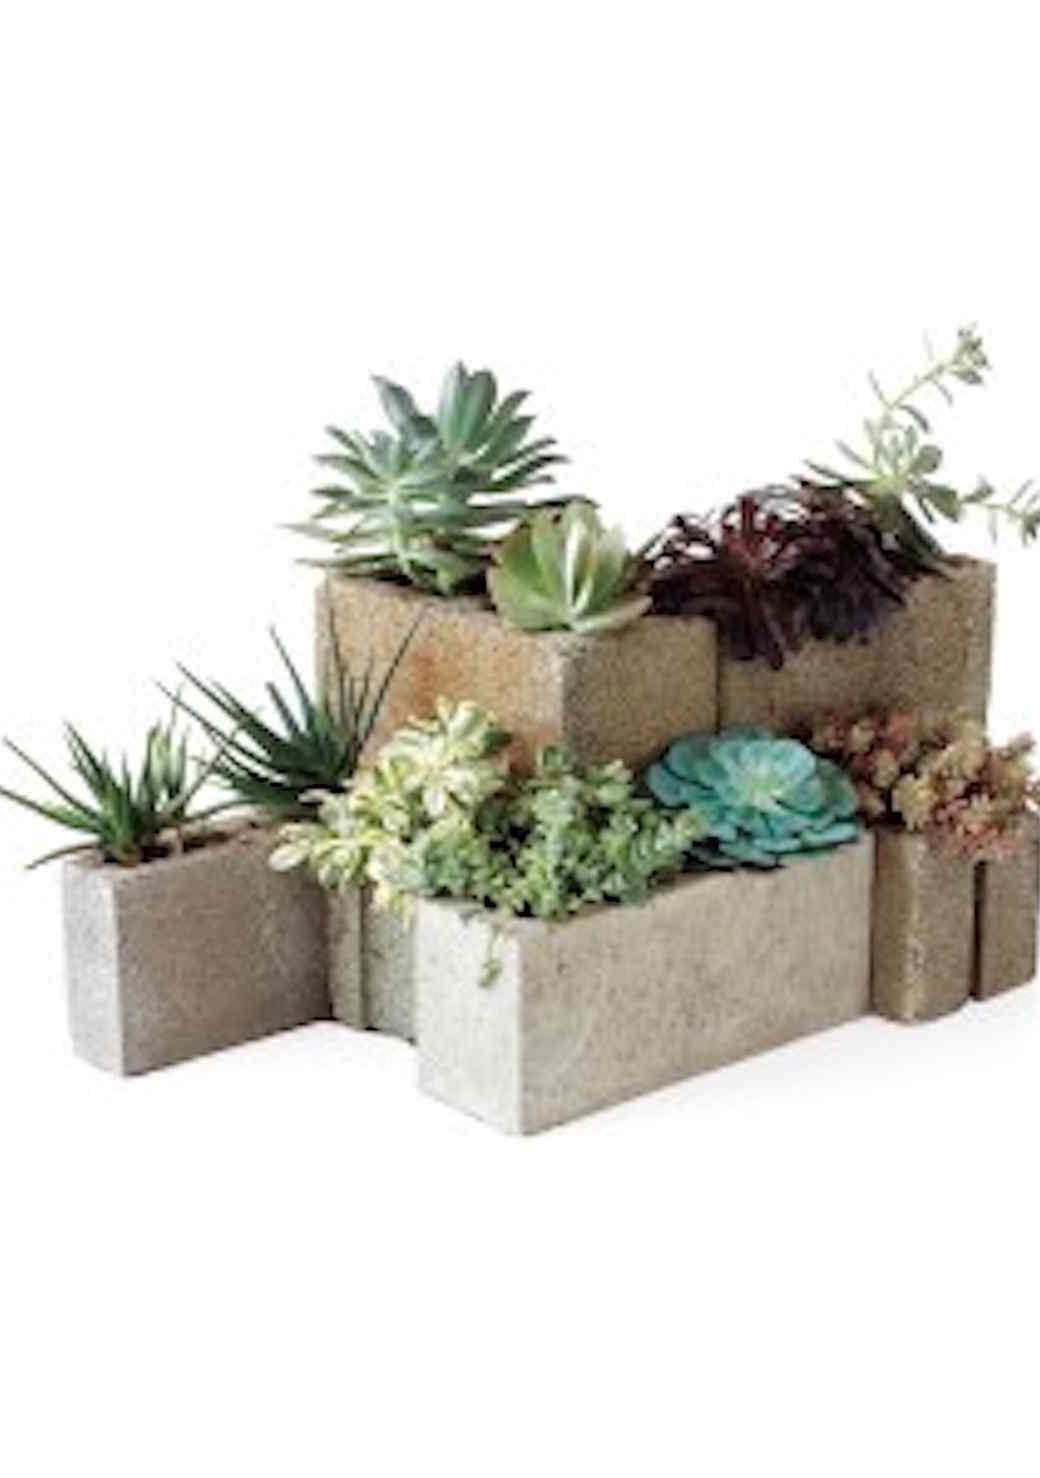 modular-planters-mld108490_vert.jpg (skyword:289452)